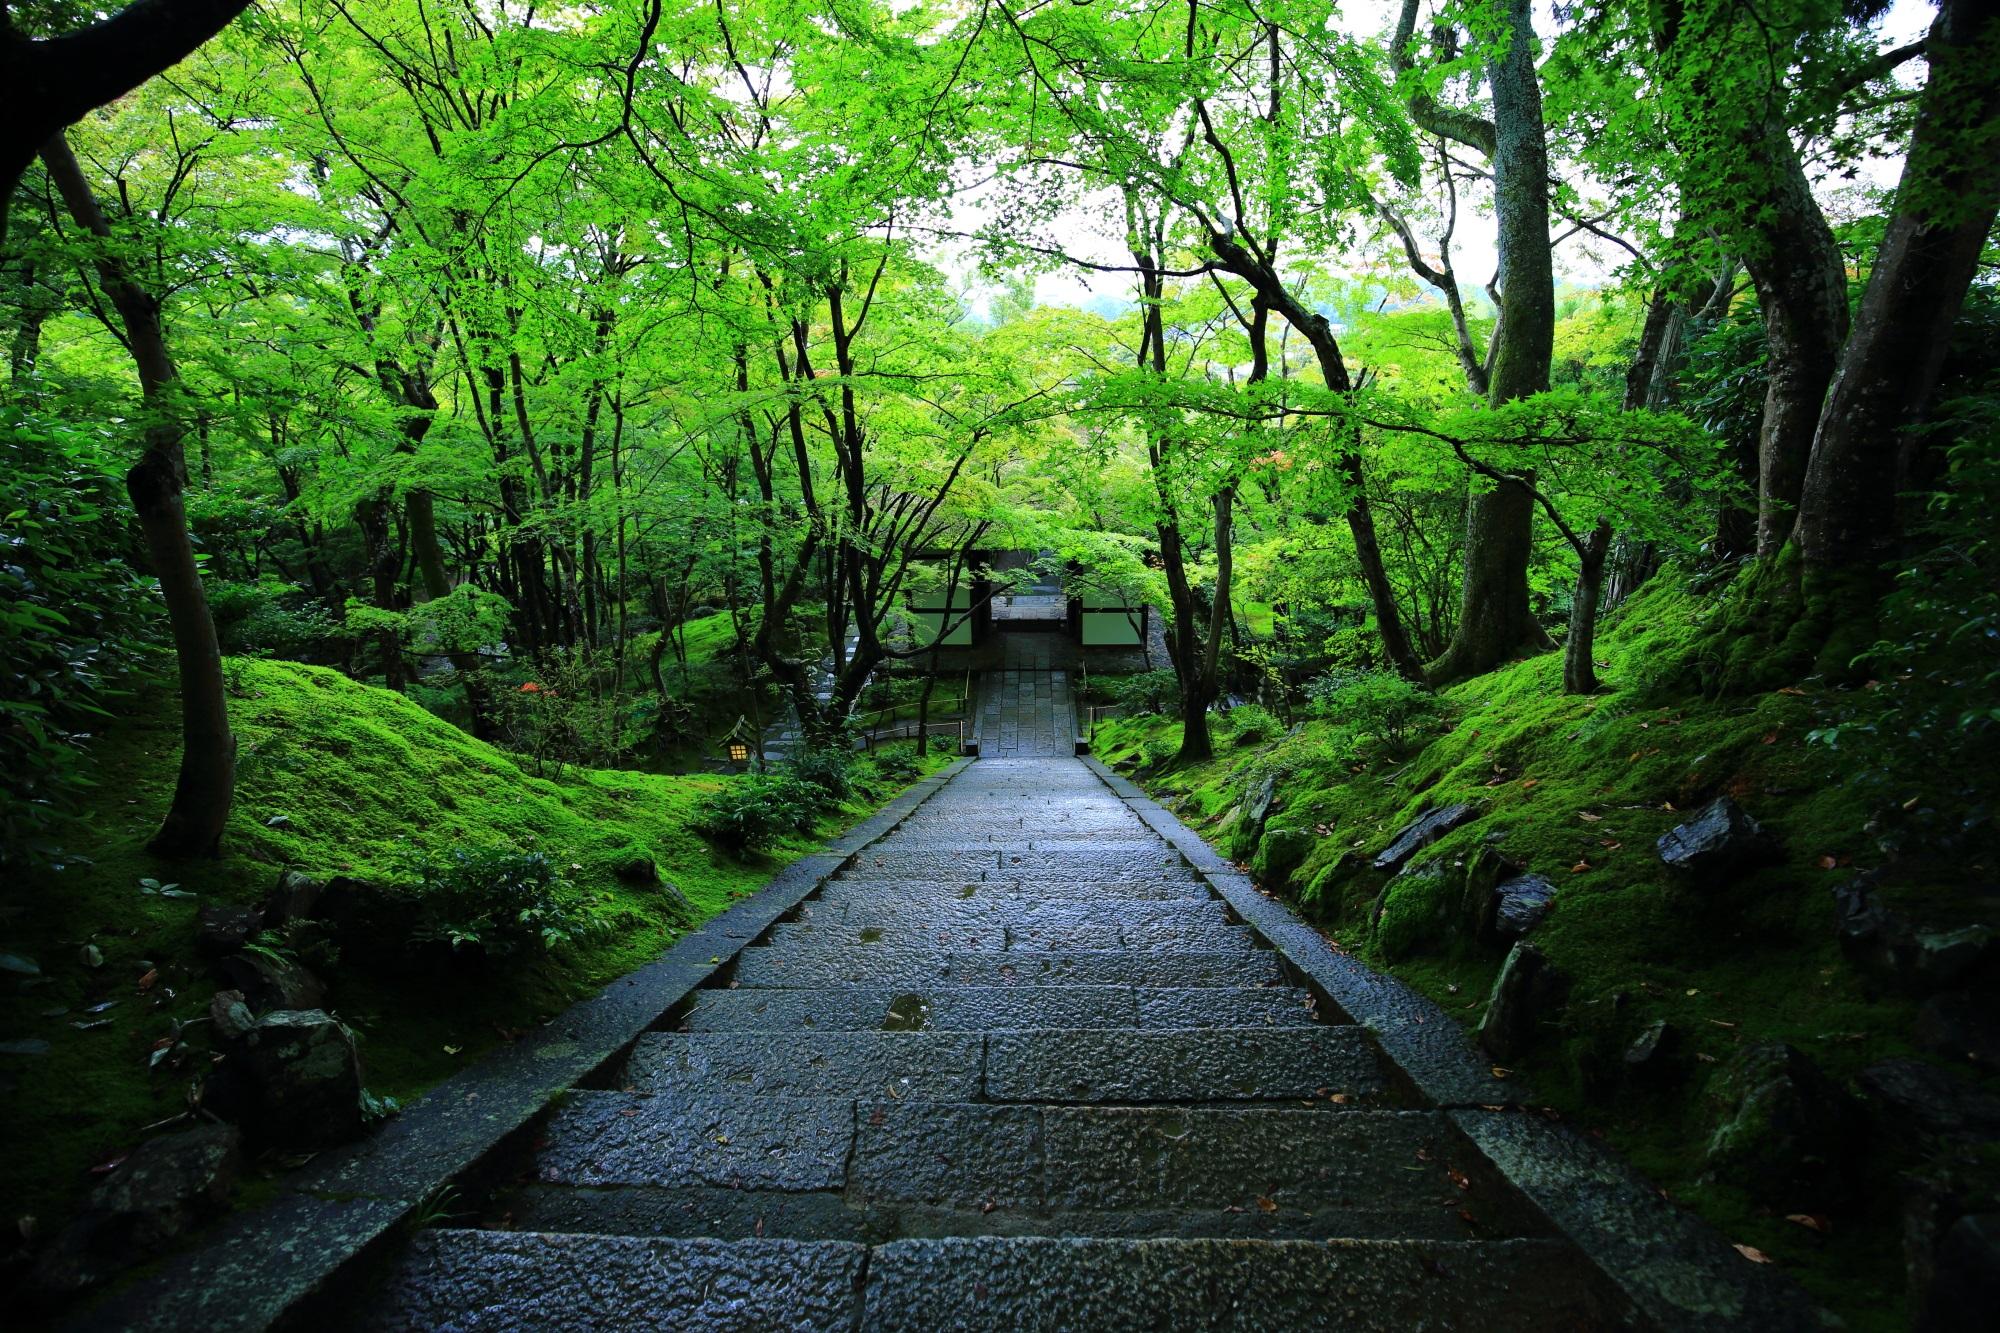 雨に濡れた本堂前石段と仁王門と青もみじと苔